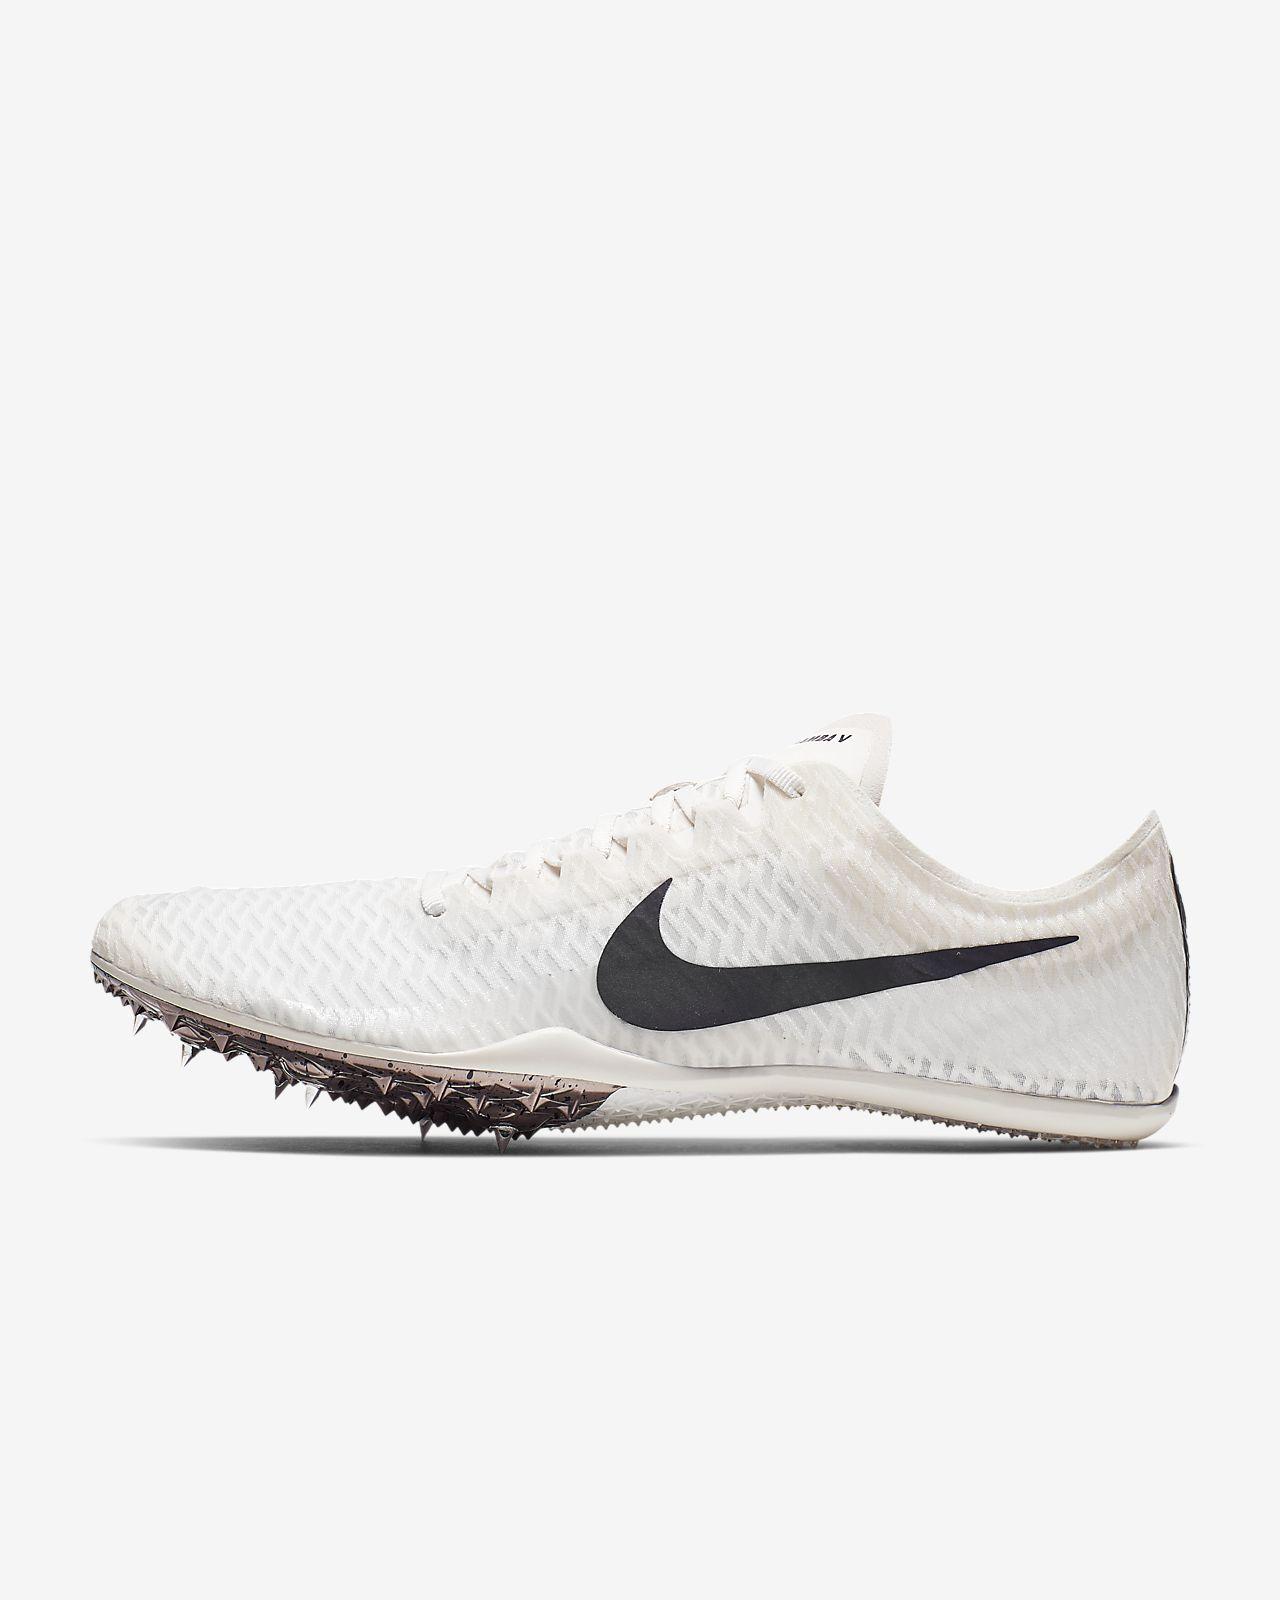 Chaussure de running Nike Zoom Mamba 5